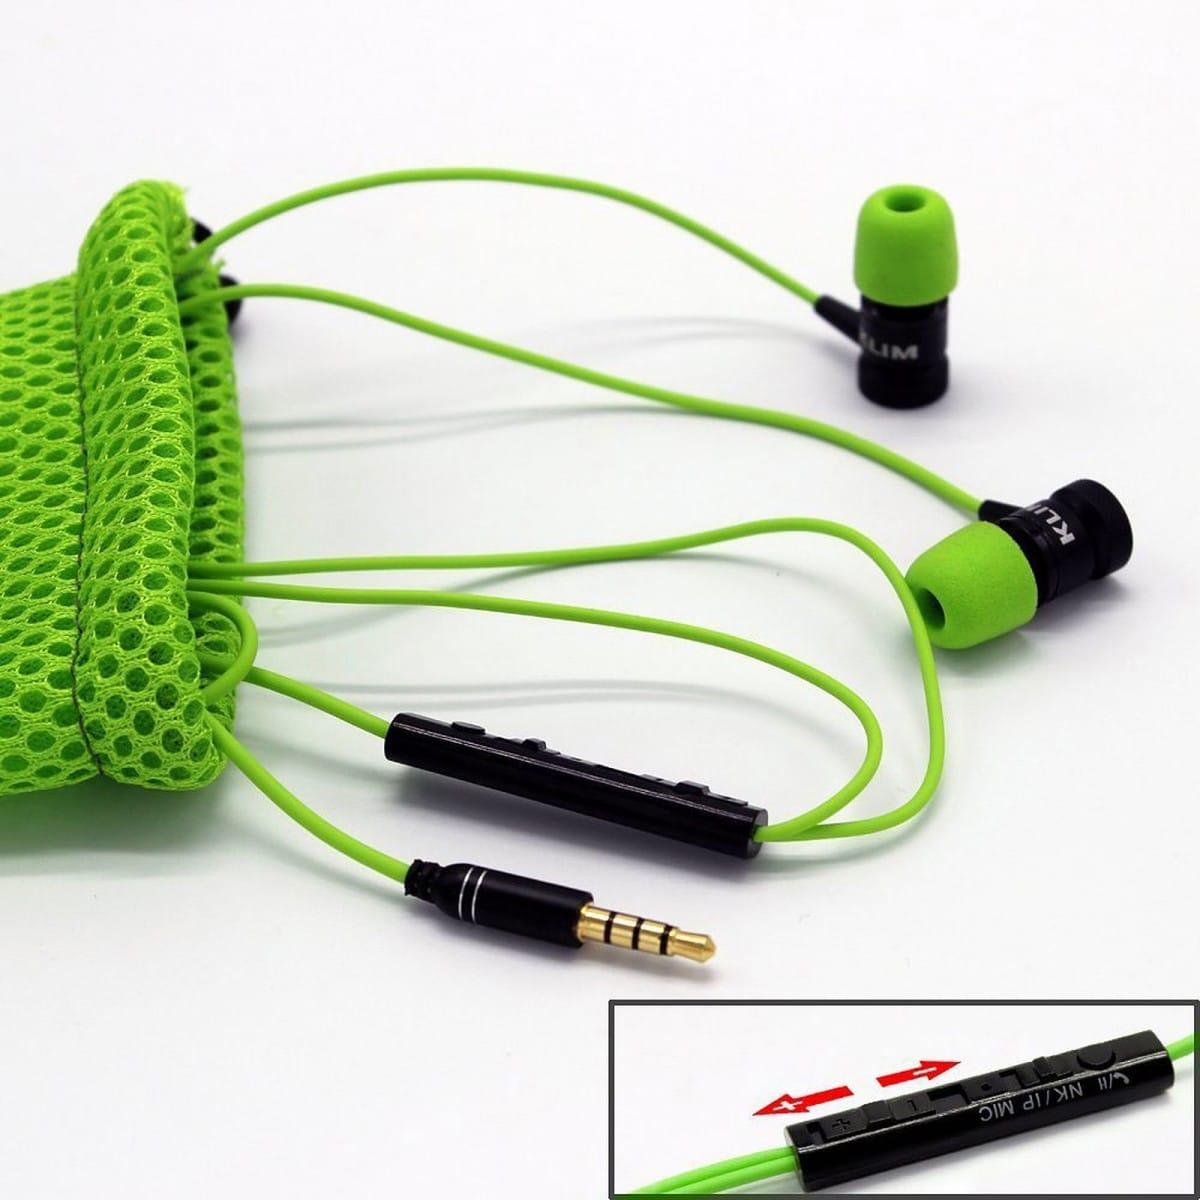 Klim-Fusion-ecouteurs-telecommande